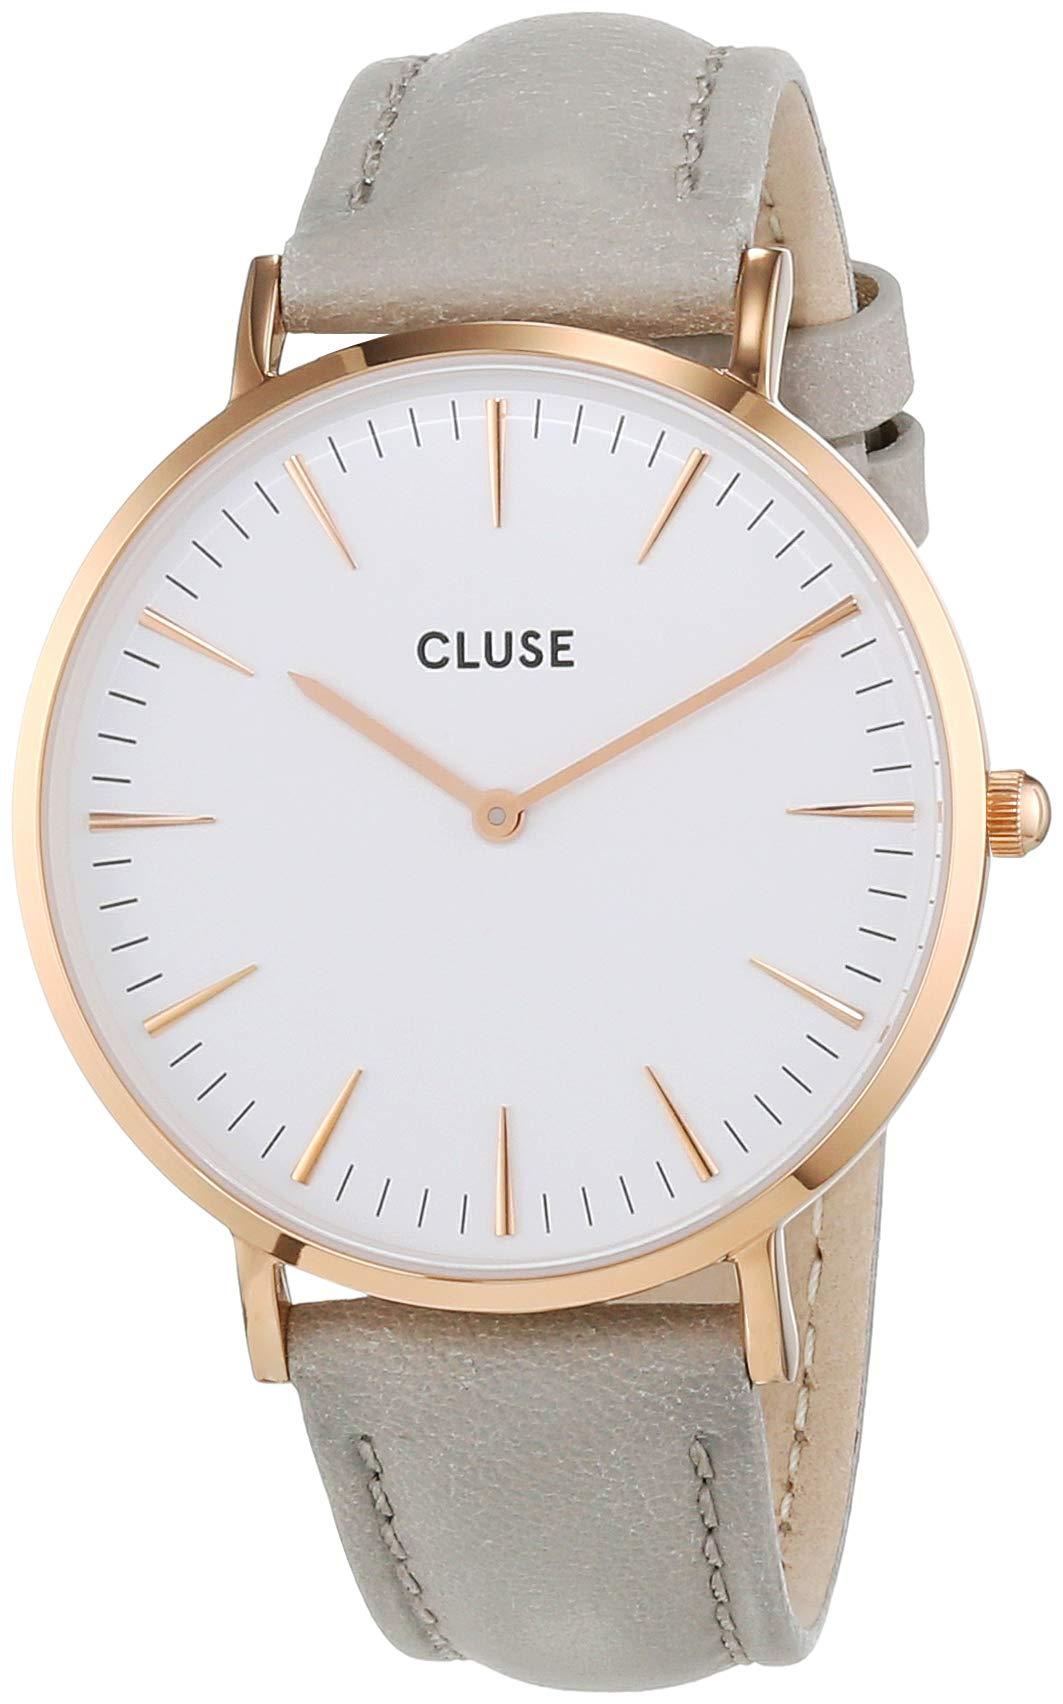 Cluse-Damen-Armbanduhr-Analog-Quarz-Leder-Grau-CL18015